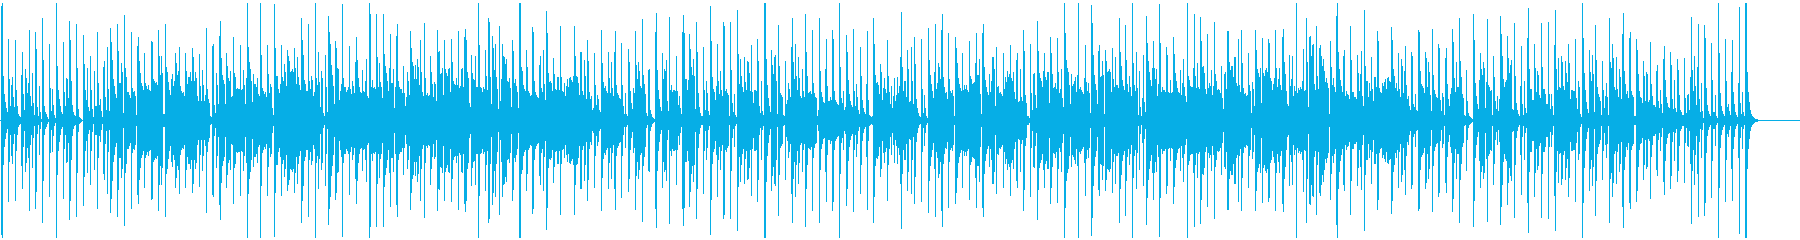 まぬけな音楽 ふざけた感じ 下手な演奏2の再生済みの波形